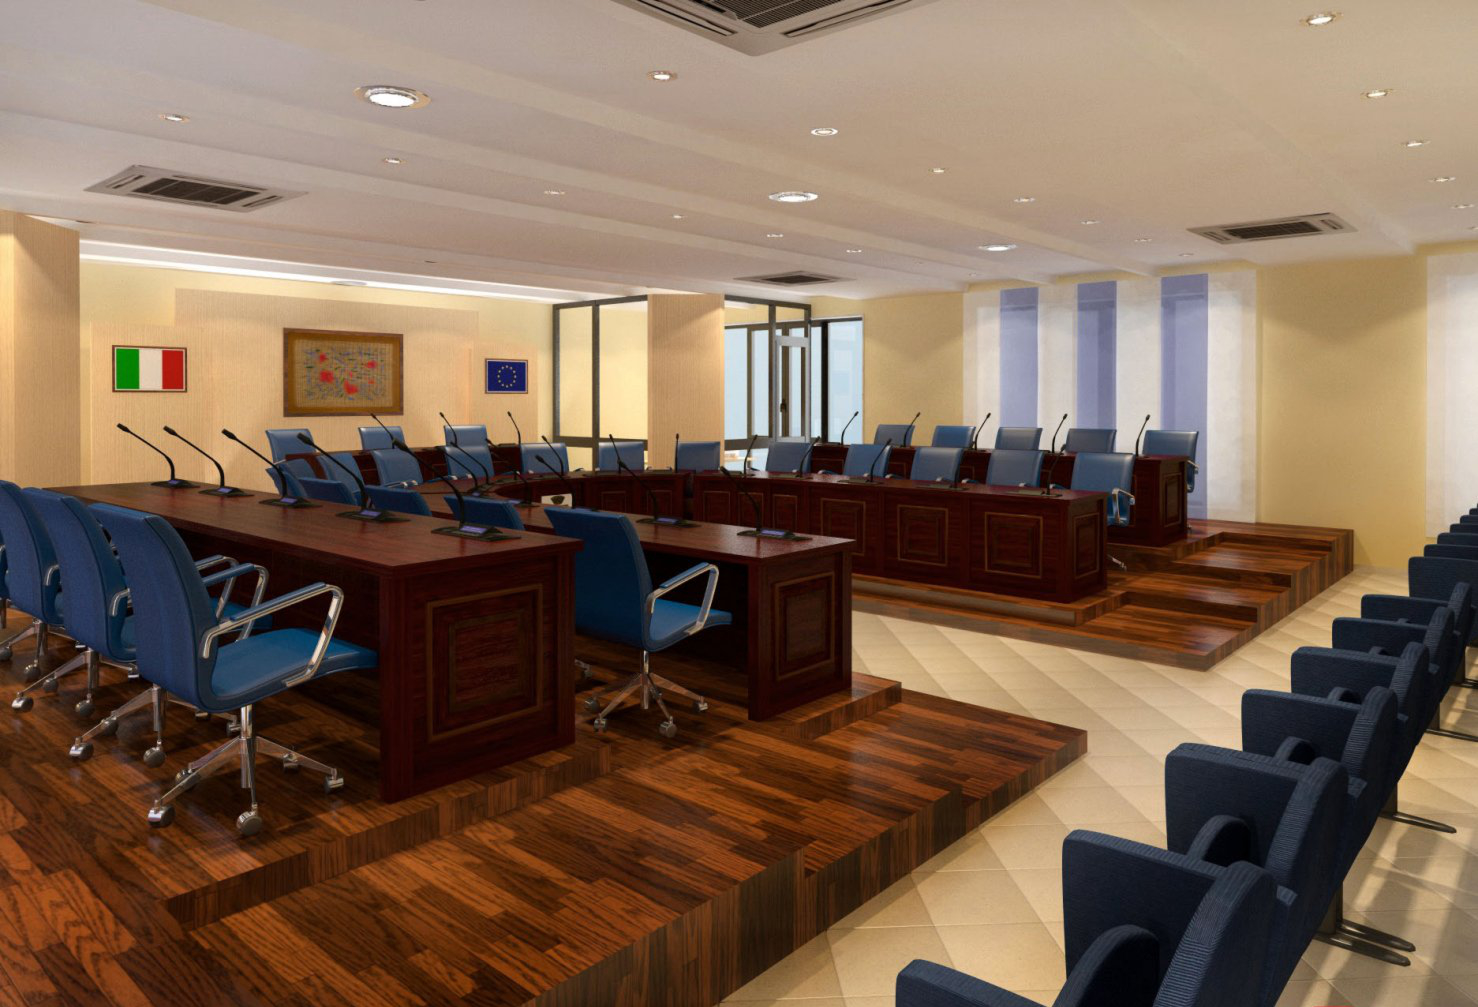 Allestimenti per Sale Conferenze e Aule Consiliari